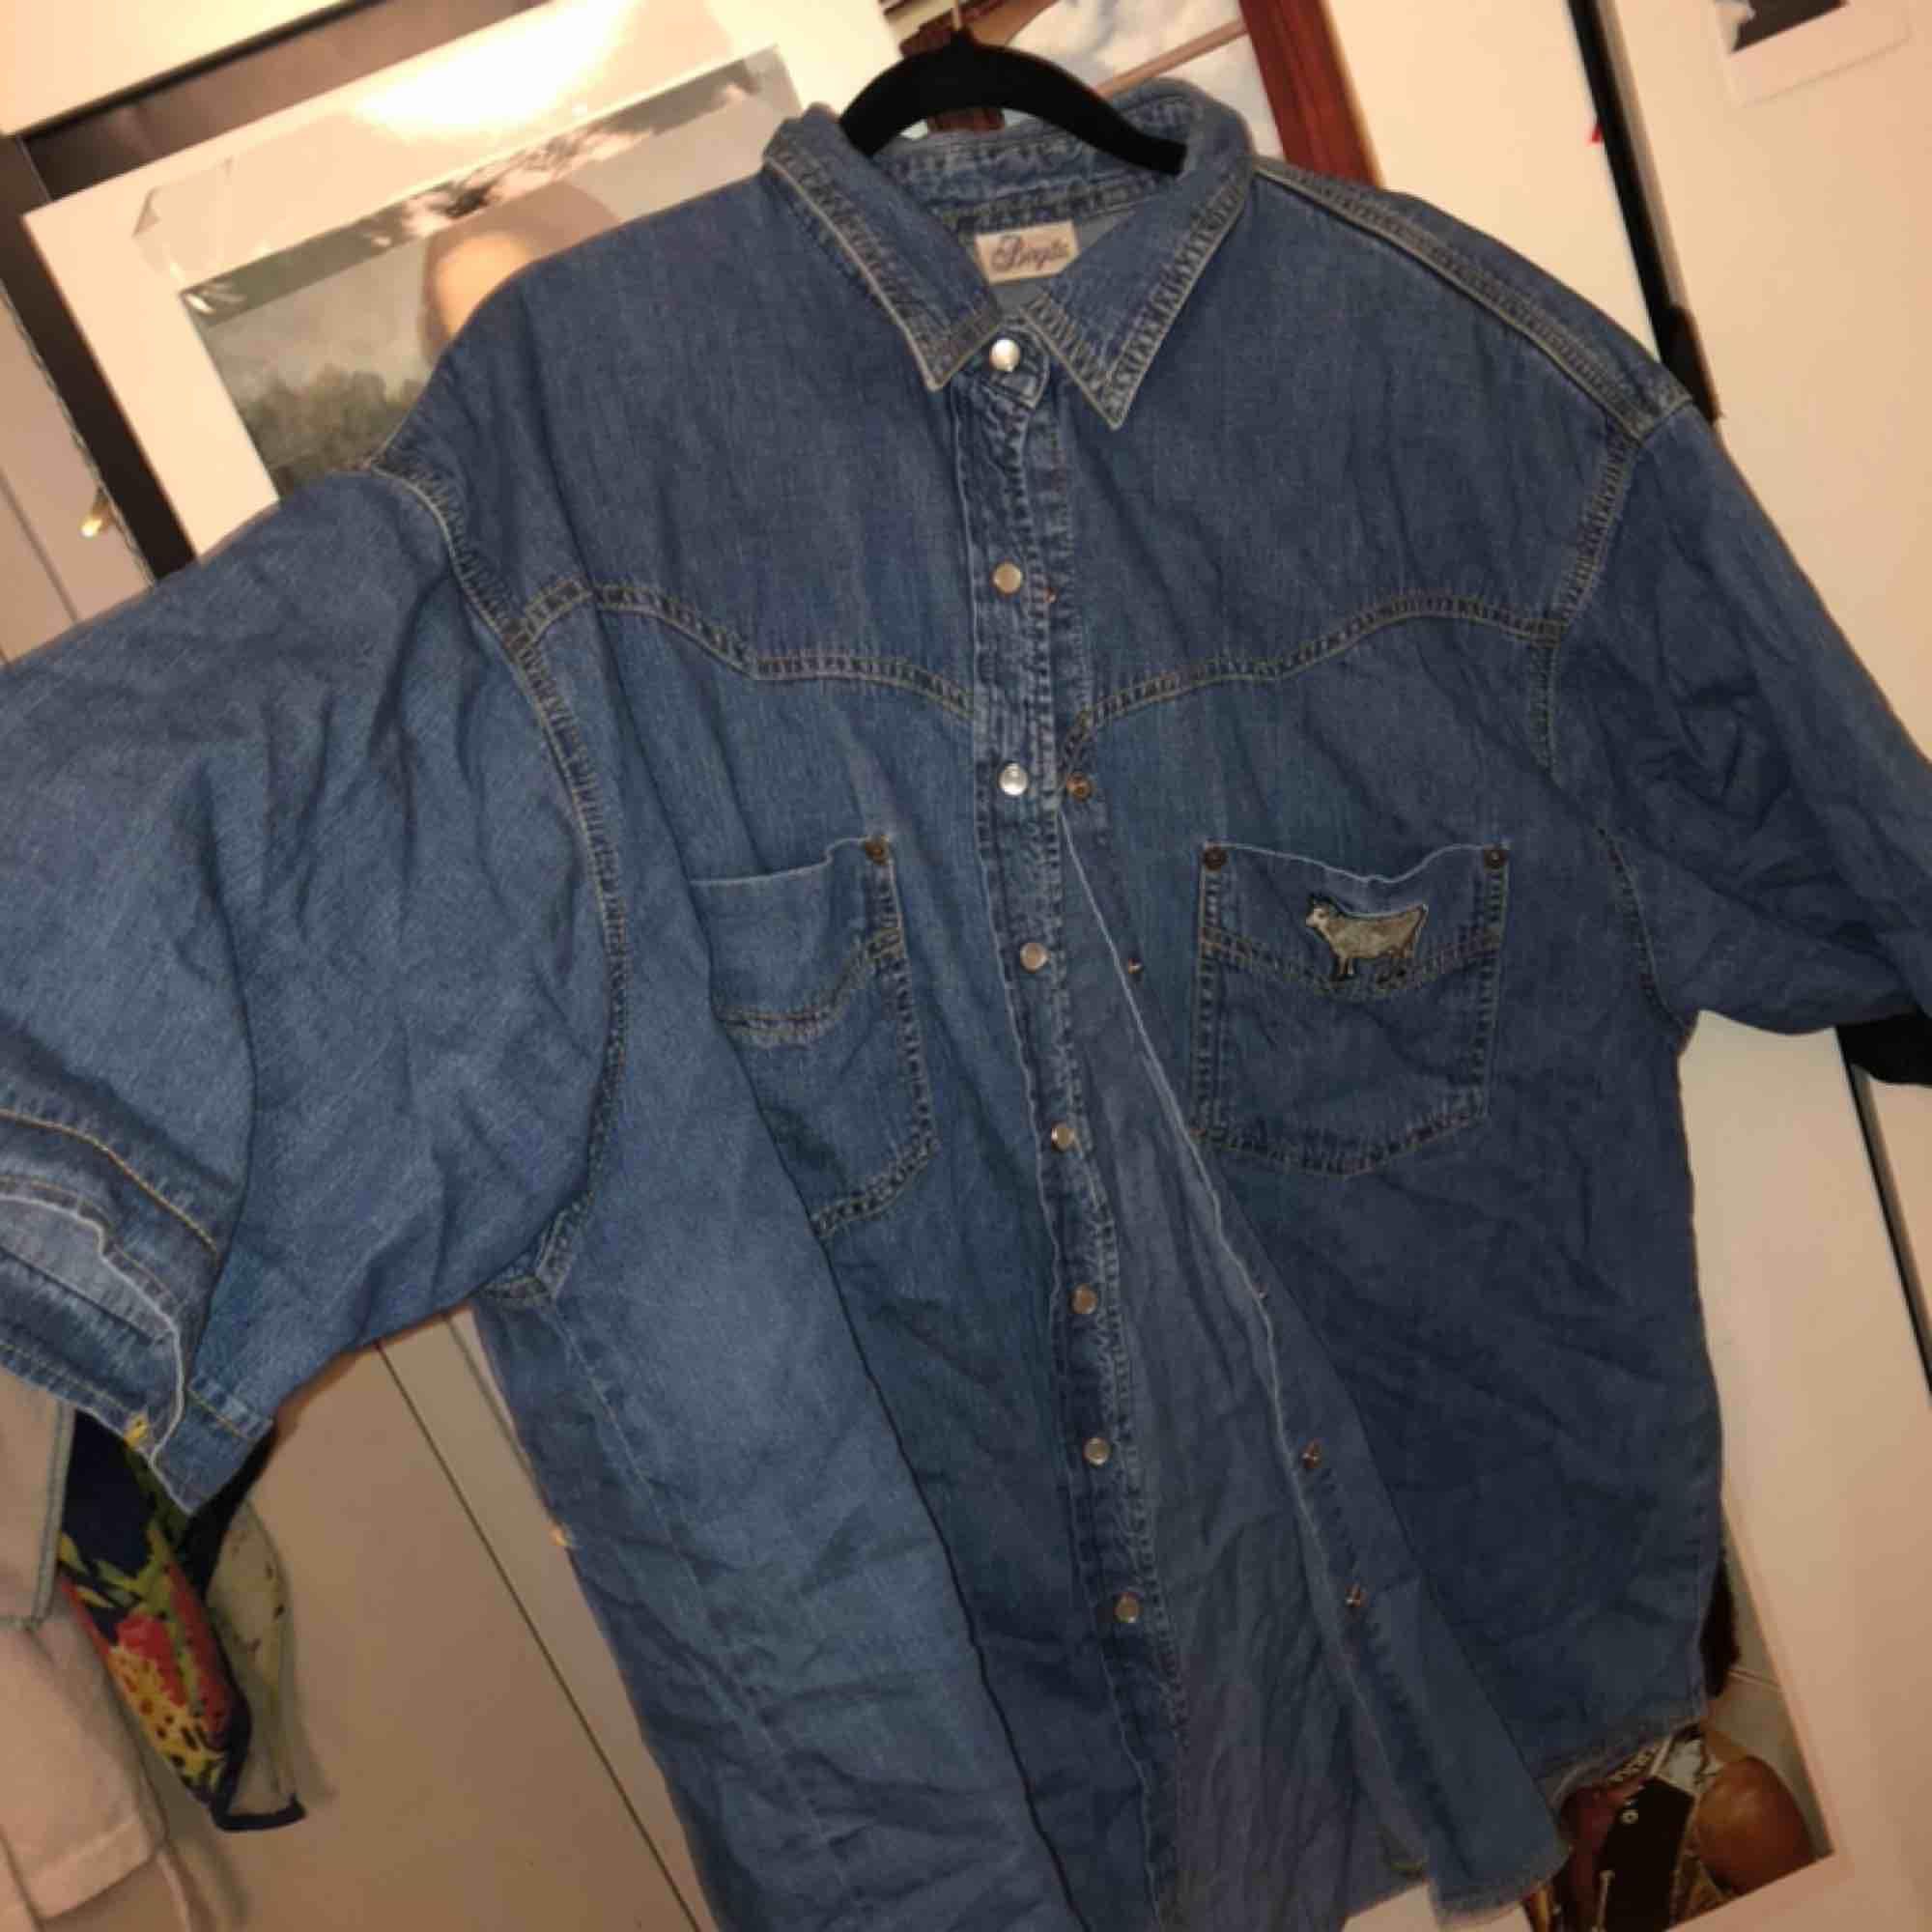 🐃🐃🐃🐃 Asrolig jeansskjorta/ jeansjacka! Den har en asfin broderad ko på ena bröstfickan, märket heter birgitta!!! Den var skitsnygg som en oversized jeansjacka under sommarn!!! . Skjortor.